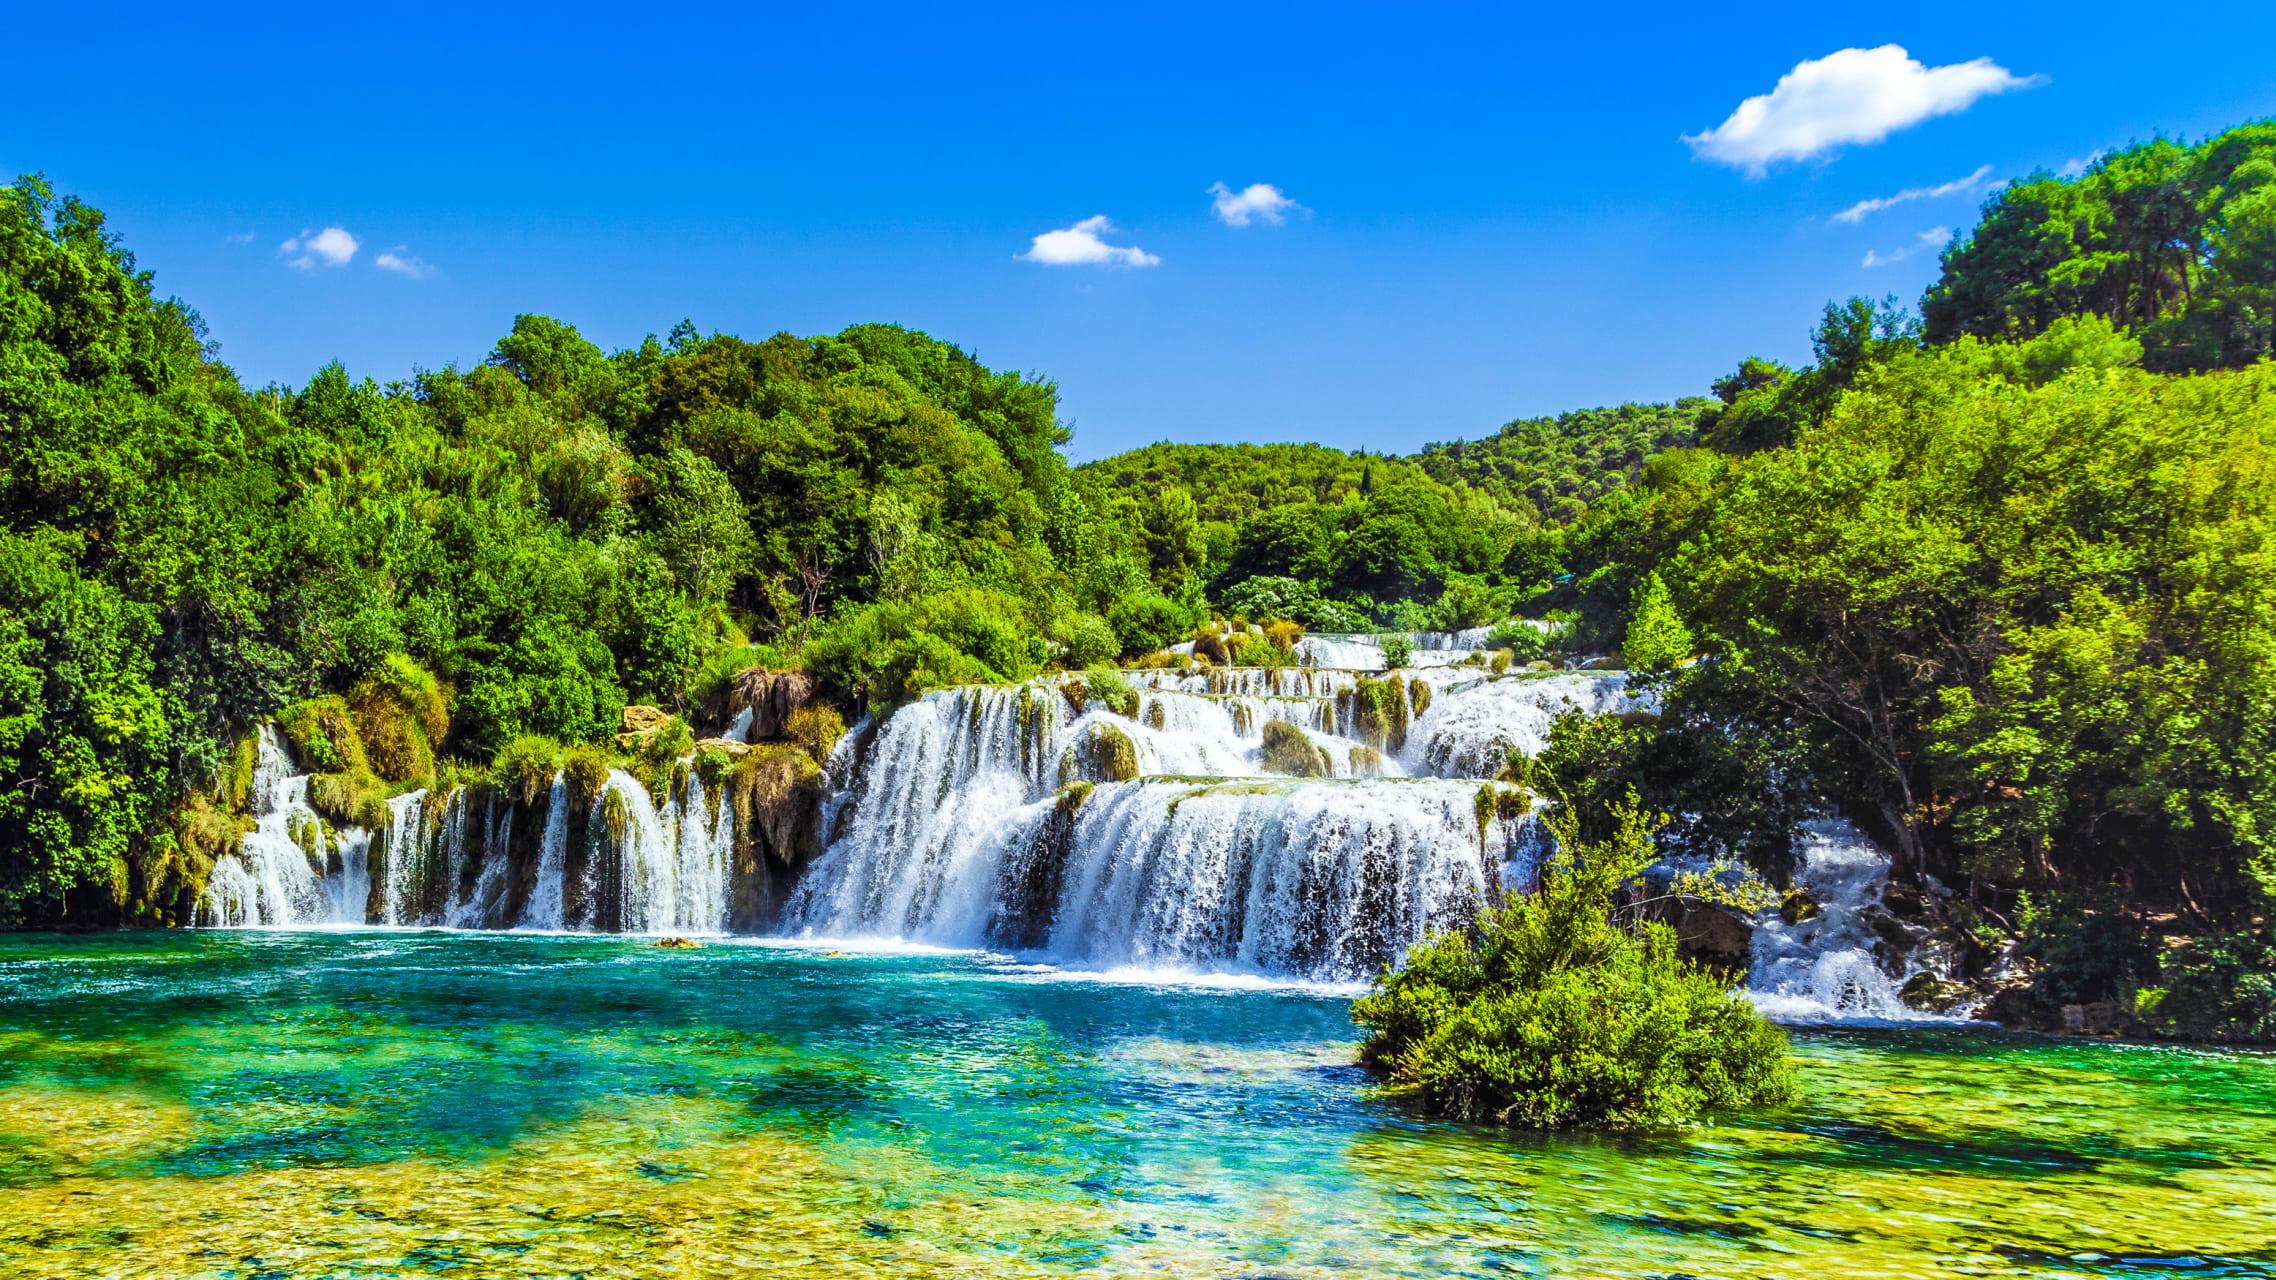 Krka National Park cover image